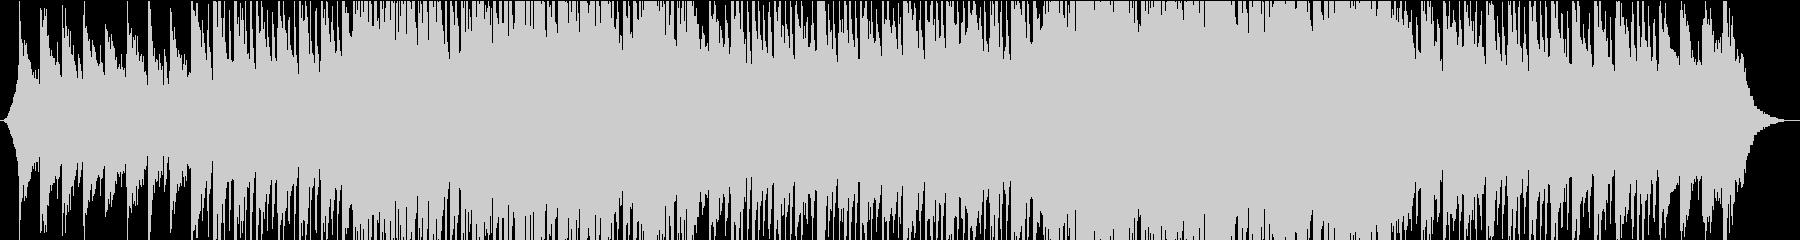 シンプルで印象に残るギターリフバラードの未再生の波形